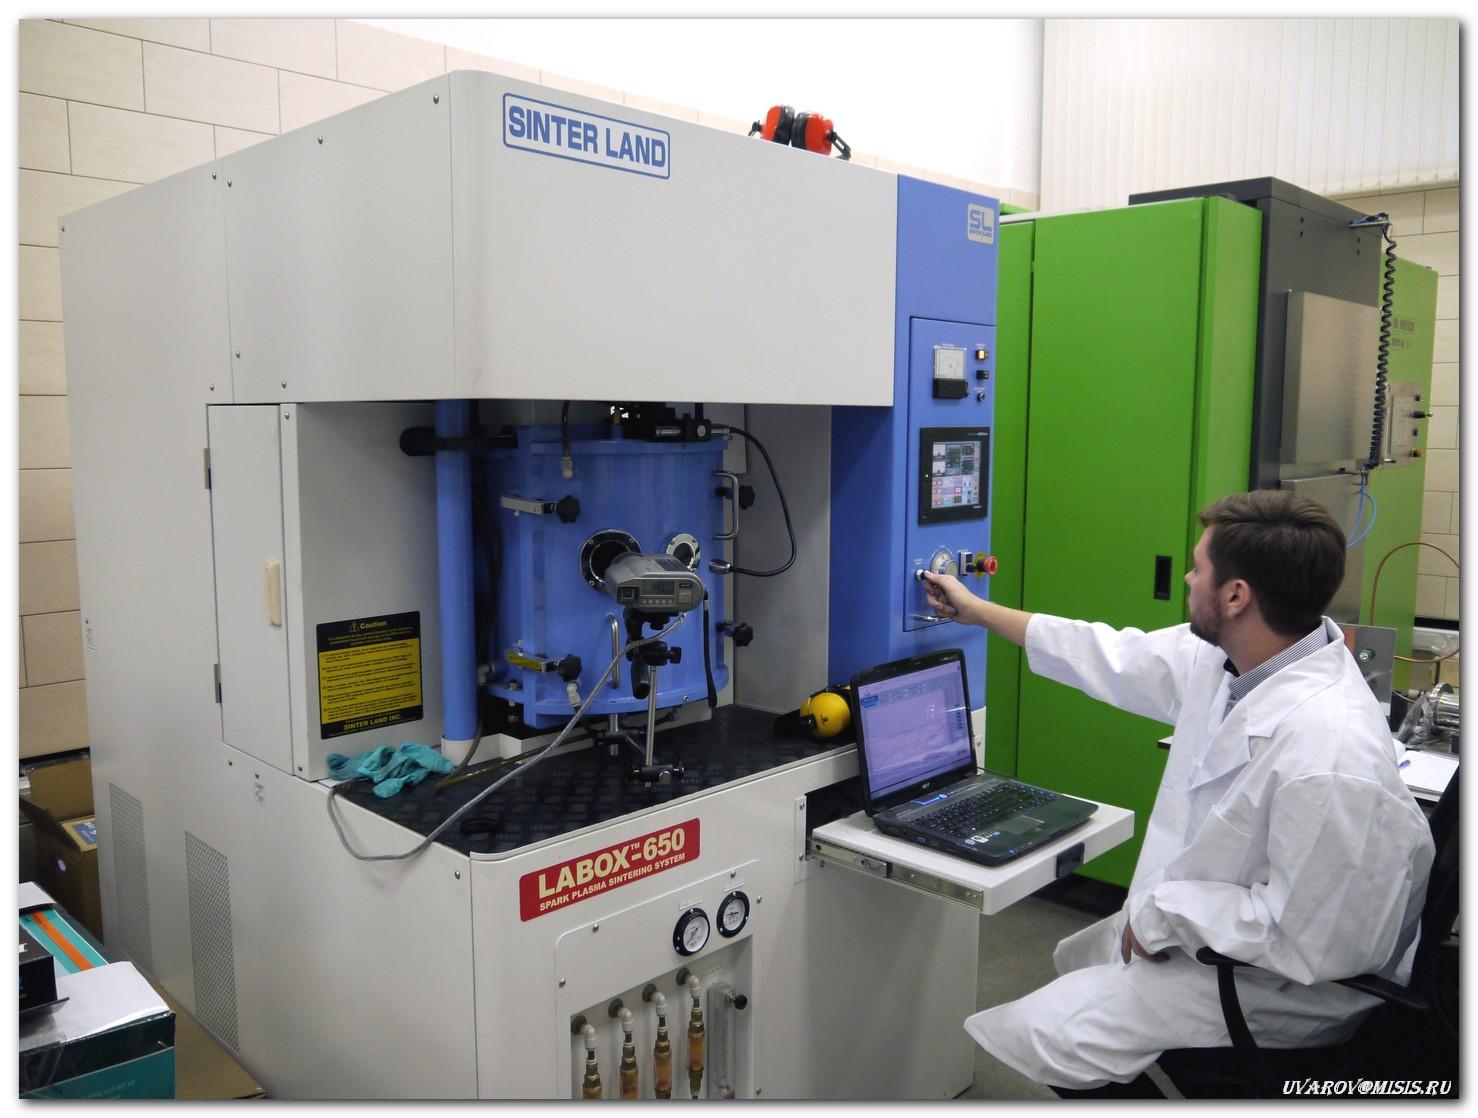 Лаборатории НИТУ «МИСиС»: от разделения наночастиц магнетита до создания квантового компьютера - 13